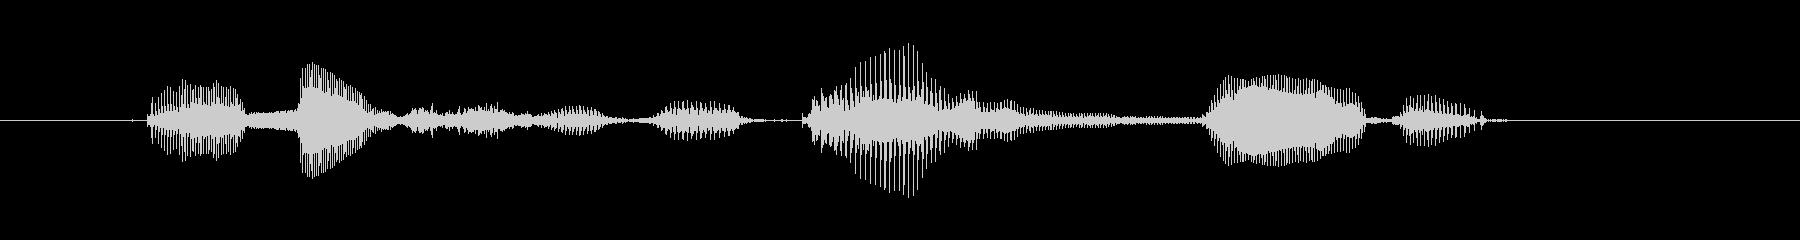 今すぐダウンロード(アニメ声・女声)の未再生の波形